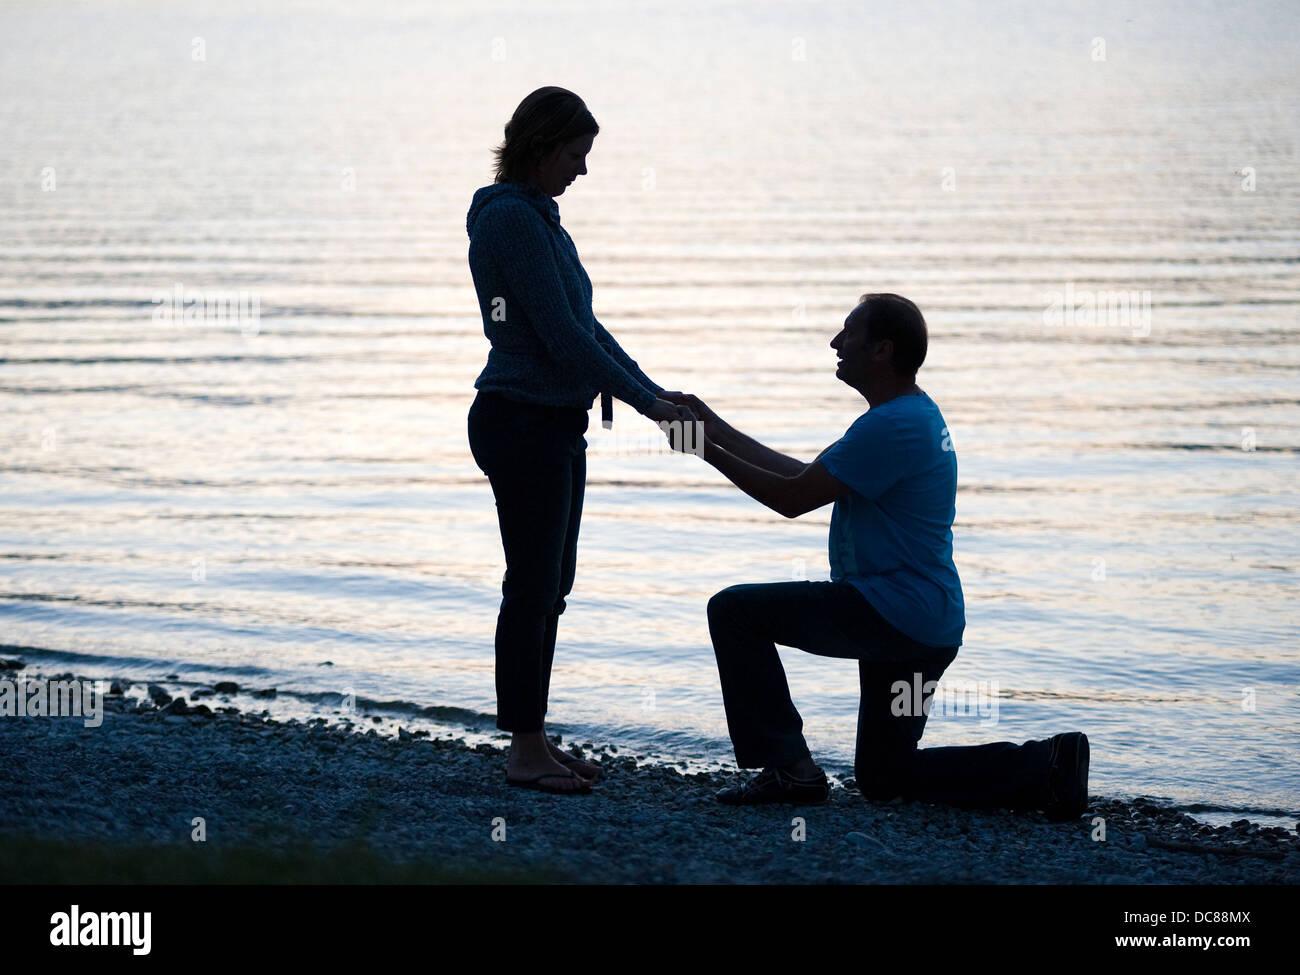 Un homme est en train de faire une demande en mariage à sa petite amie Photo Stock